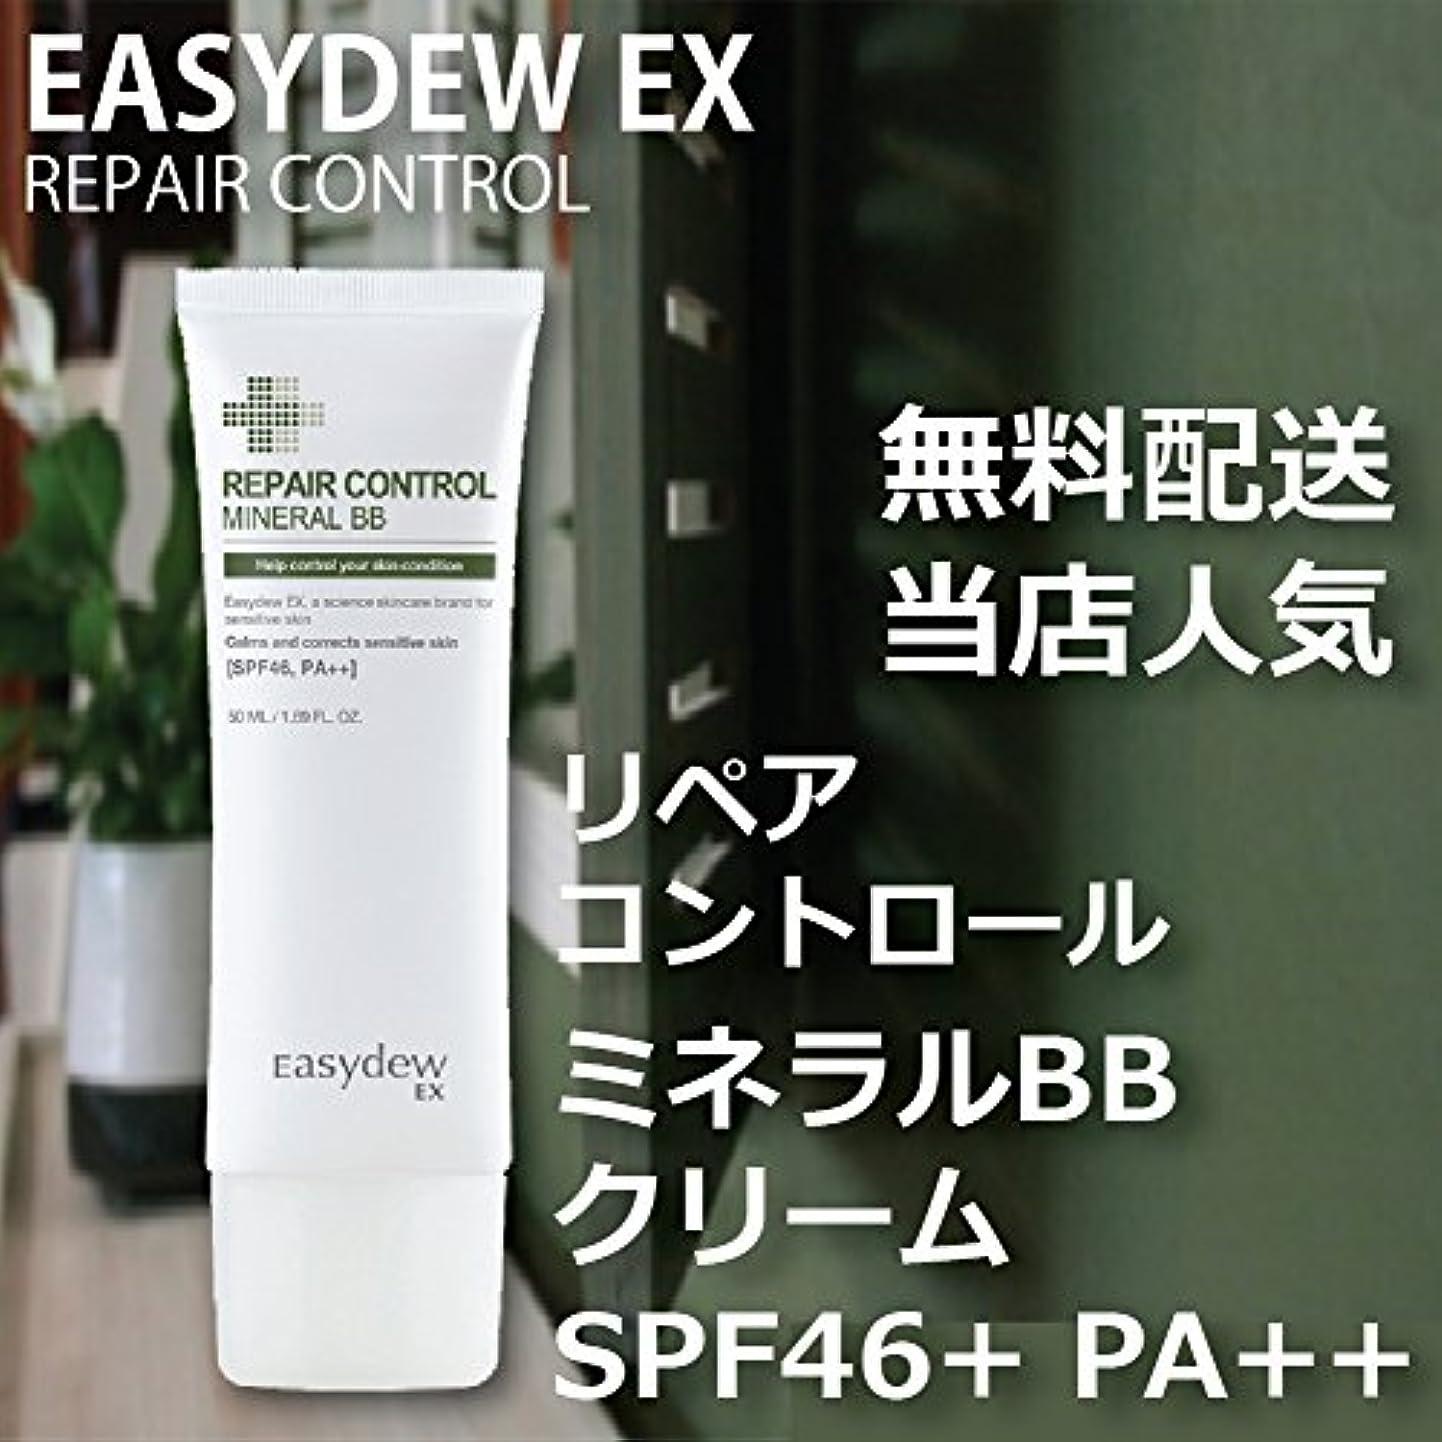 肘掛け椅子小売ラジエーターEASY DEW EX ミネラル BBクリーム SPF46+ PA++ 50ml MINRAL BB CREAM 韓国 人気 コスメ イージーデュー 敏感 乾燥 美白 しわ 3重機能性